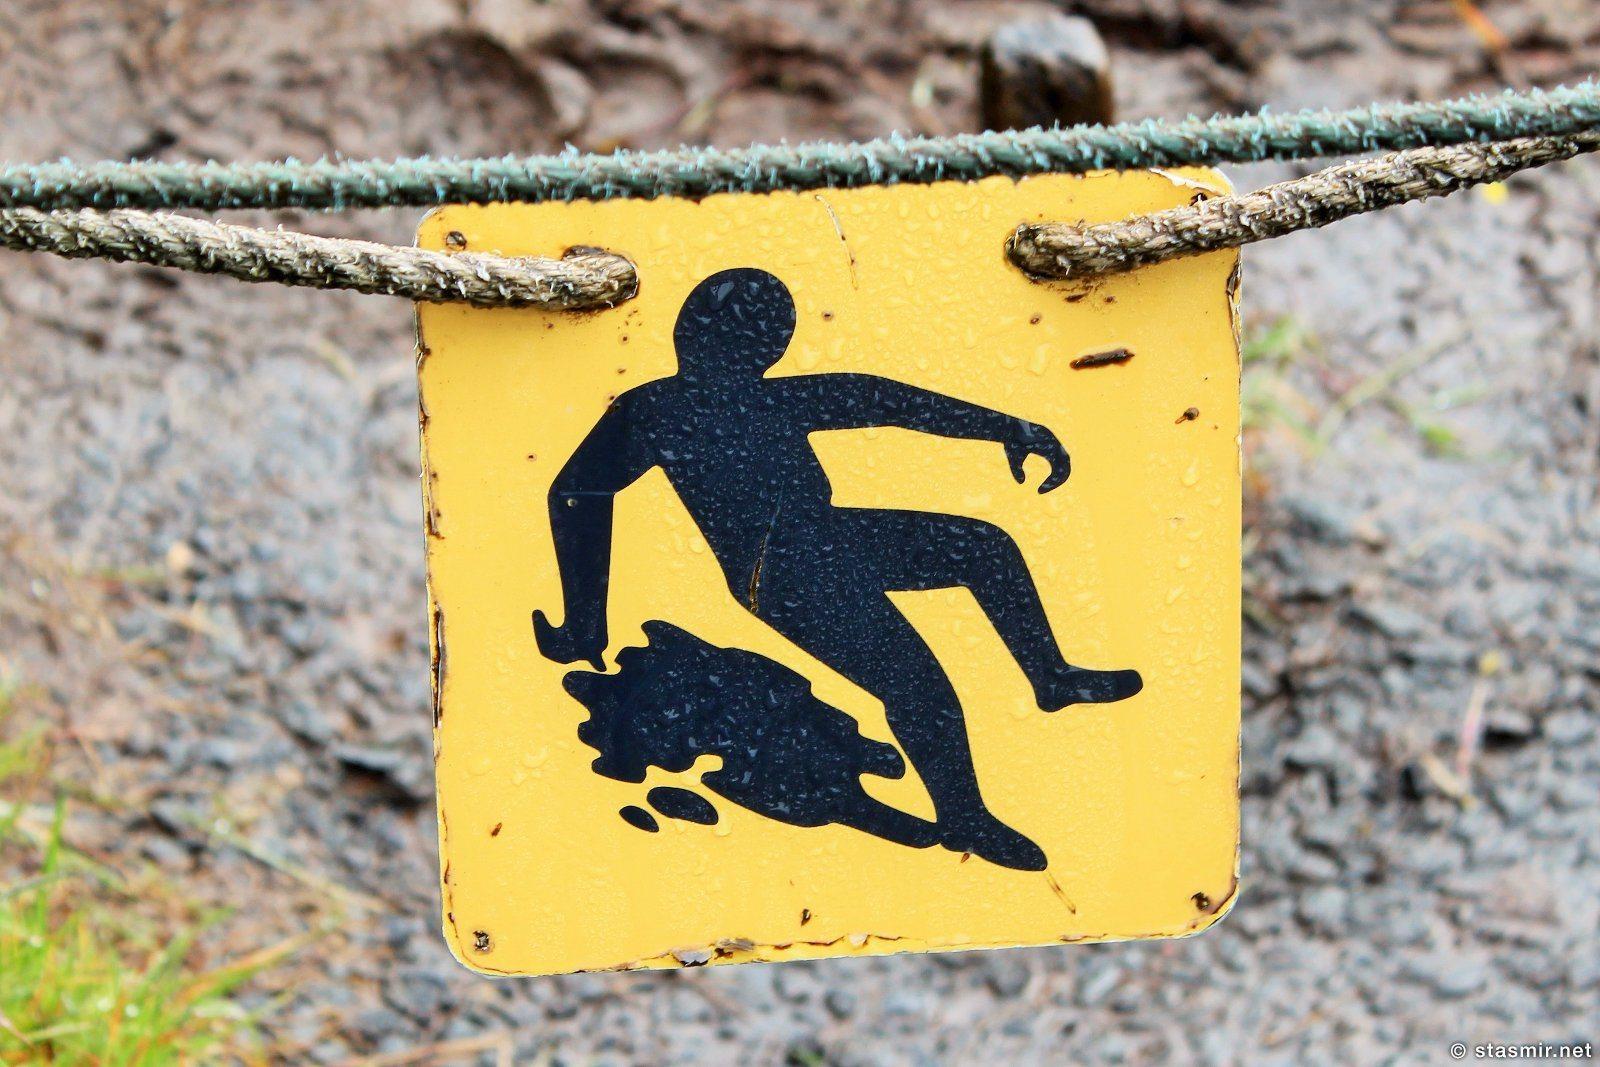 предупредительный знак в Исландии, осторожно: Исландия, осторожно: тролли, фото Стасмир, Photo Stasmir